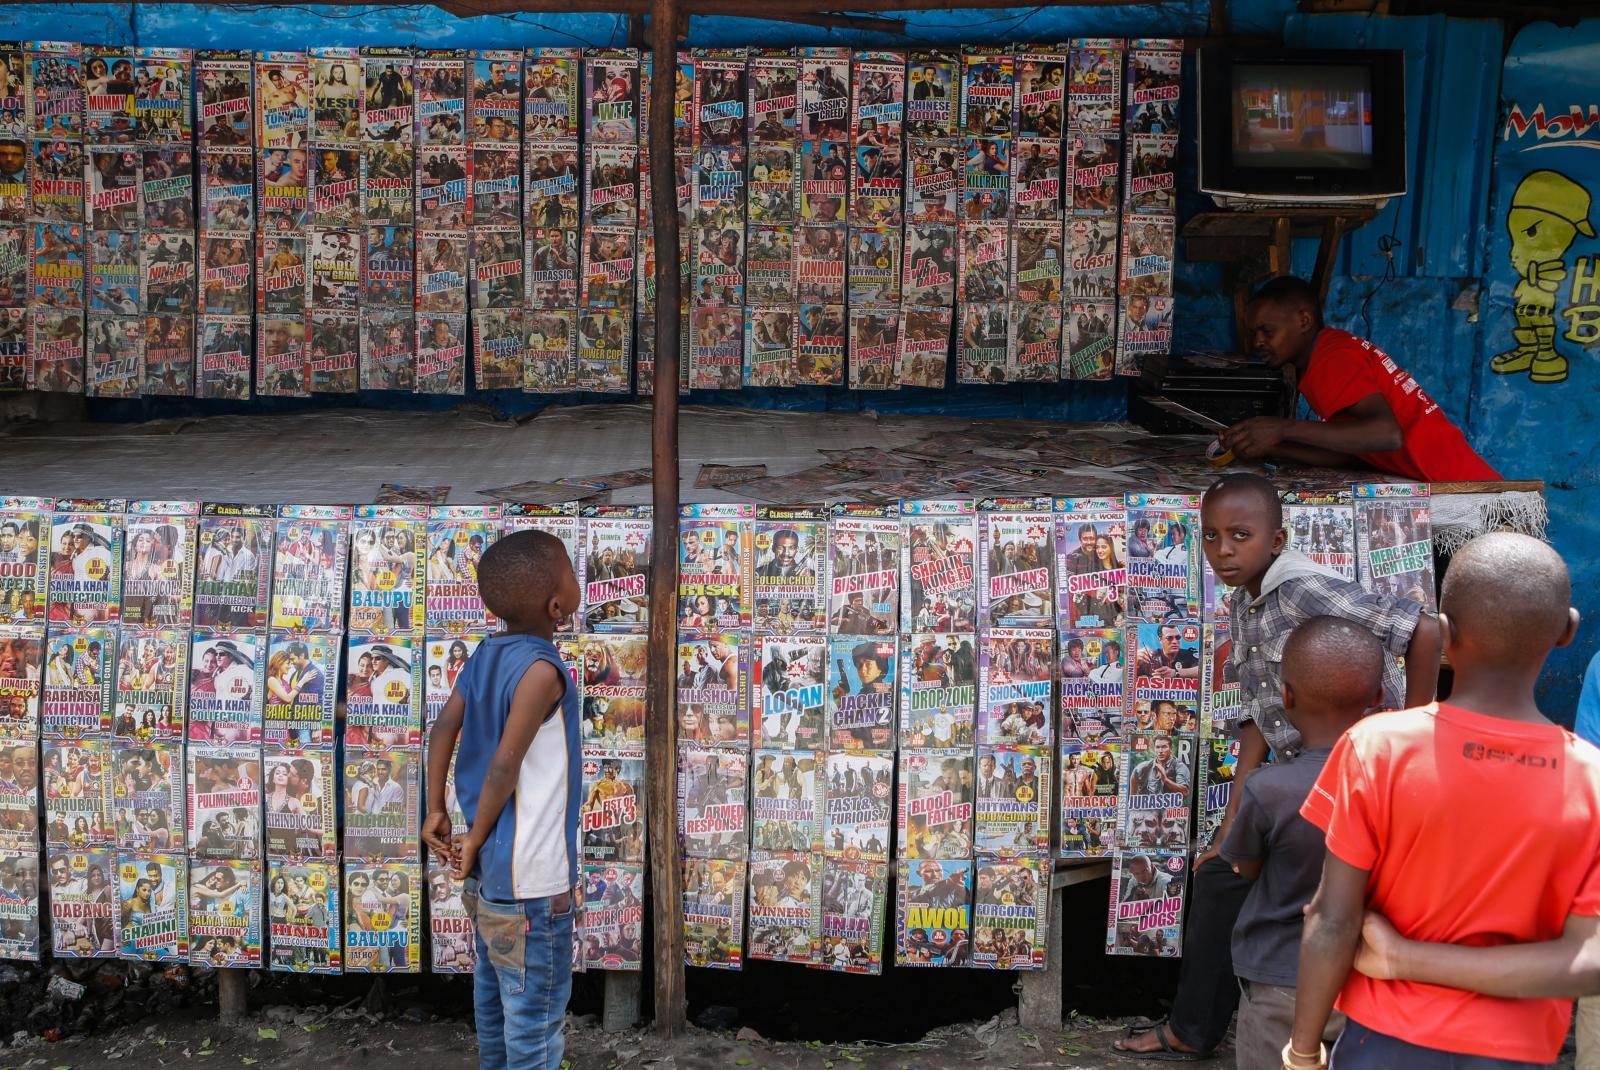 Dzieci patrzą na uliczny kiosk z setkami filmów fabularnych w Nairobi, Kenia.